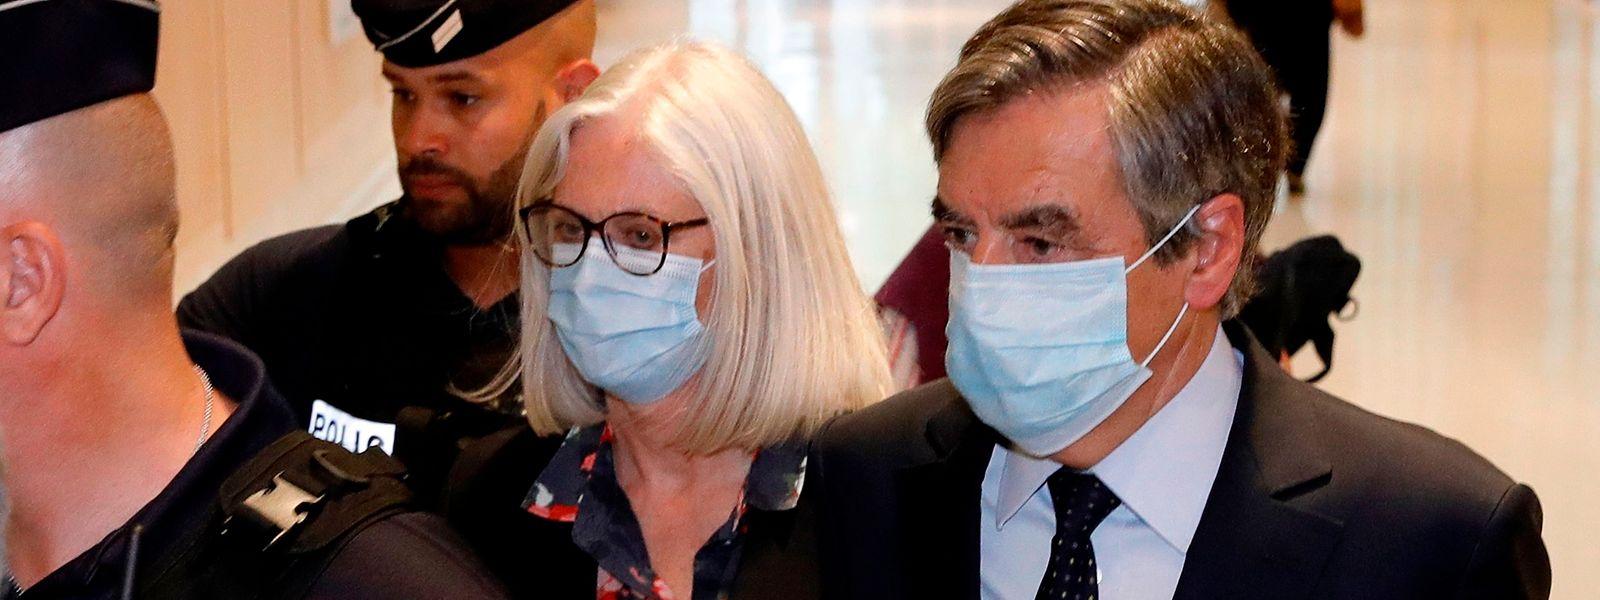 Penelope und Francois Fillon auf dem Weg zum Gericht.